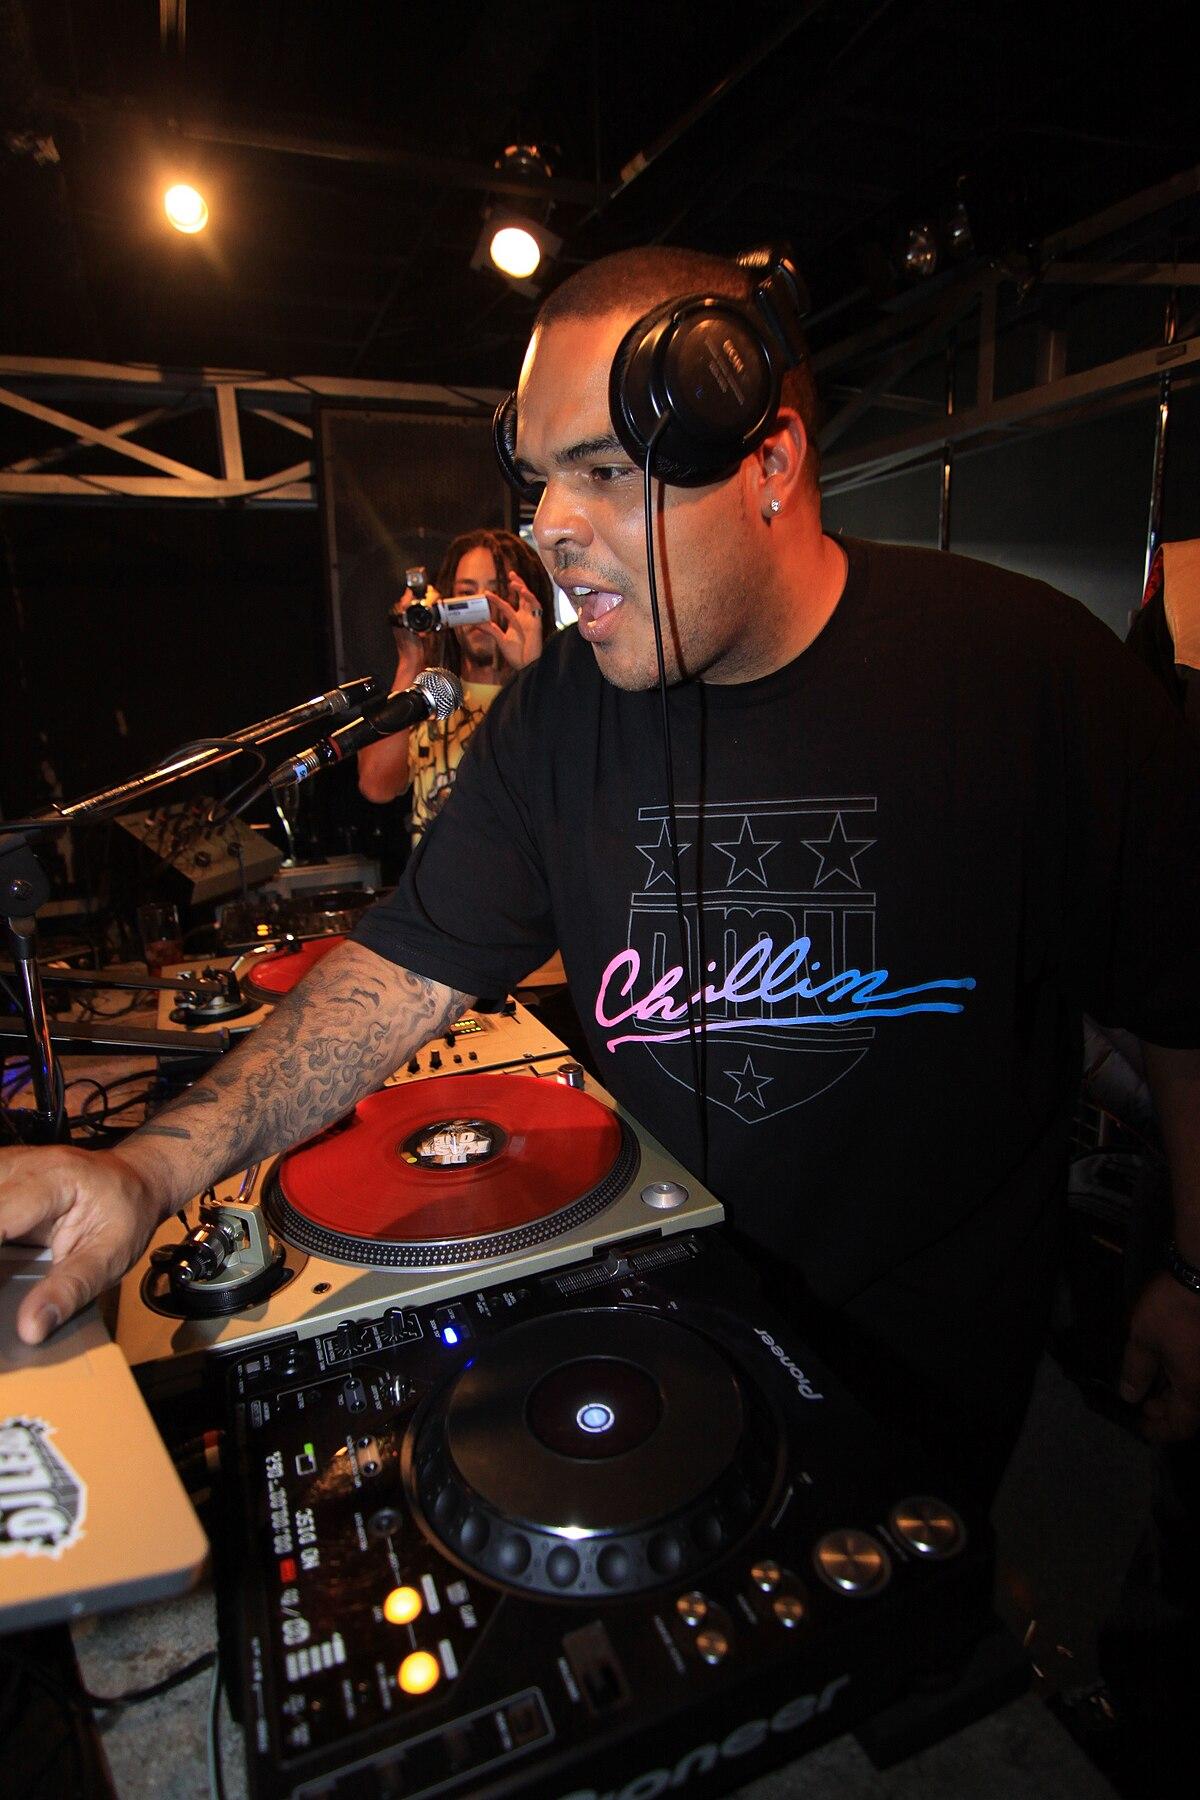 DJ Enuff - Wikipedia